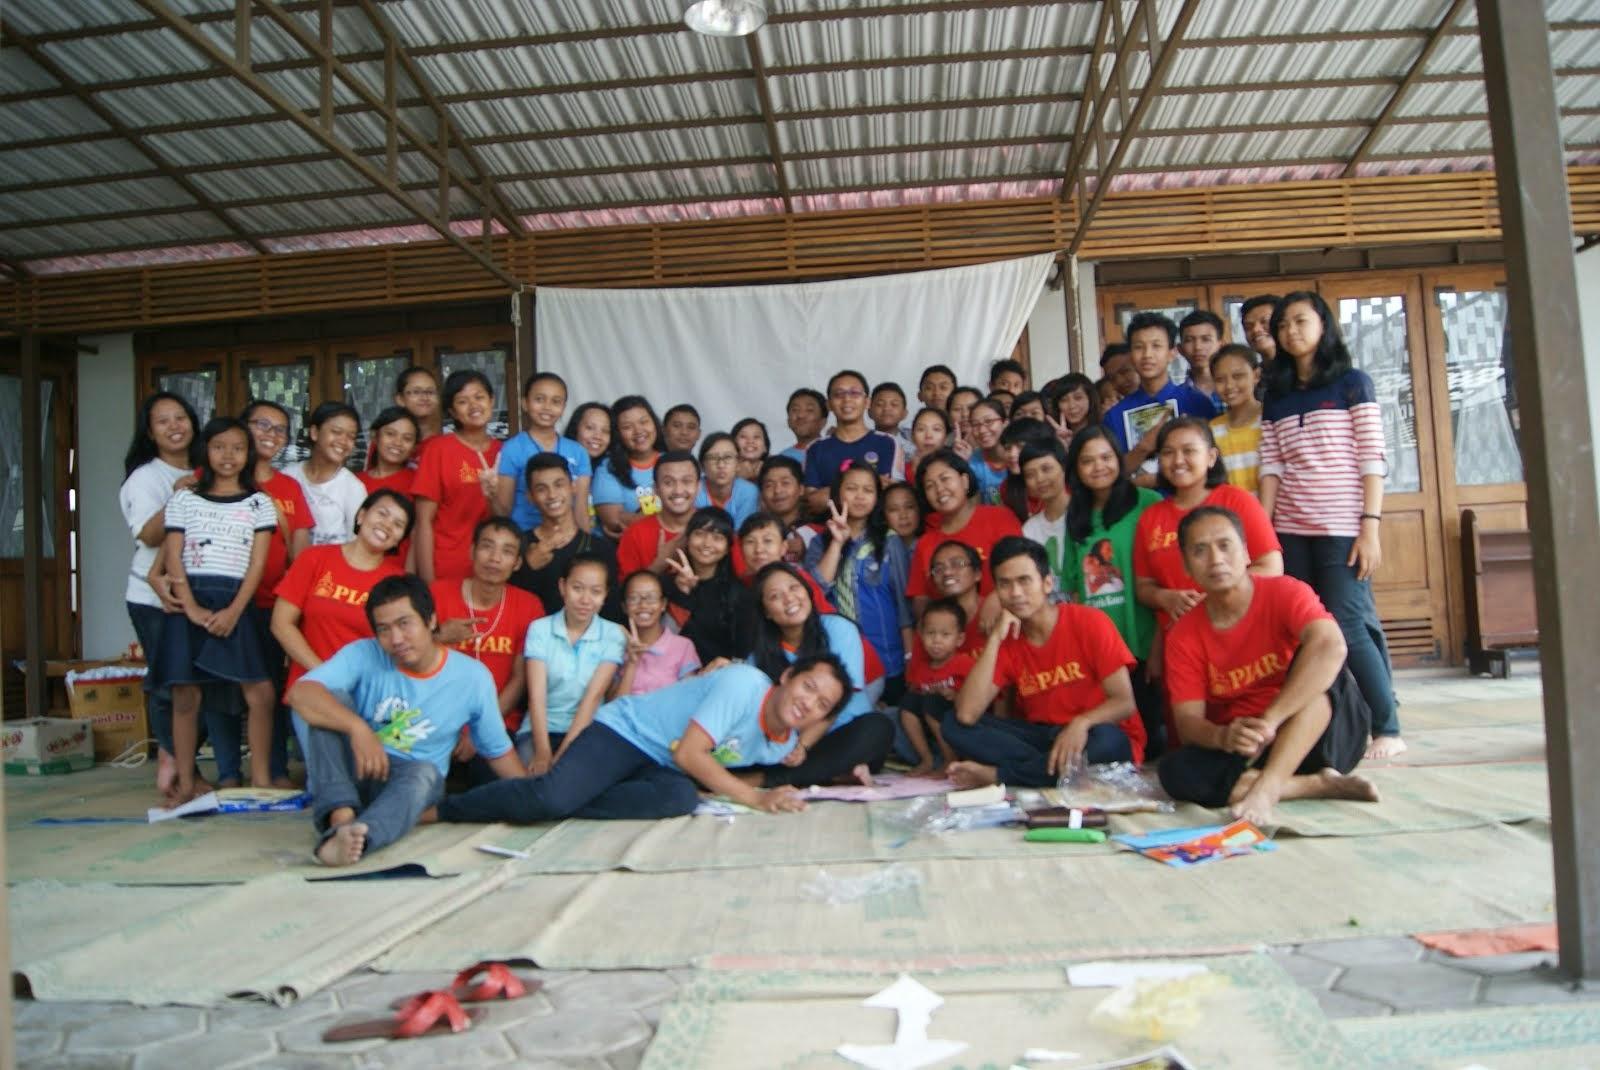 Bersama Pendamping PIA paroki Kebonarum Klaten 18-19 April 2015